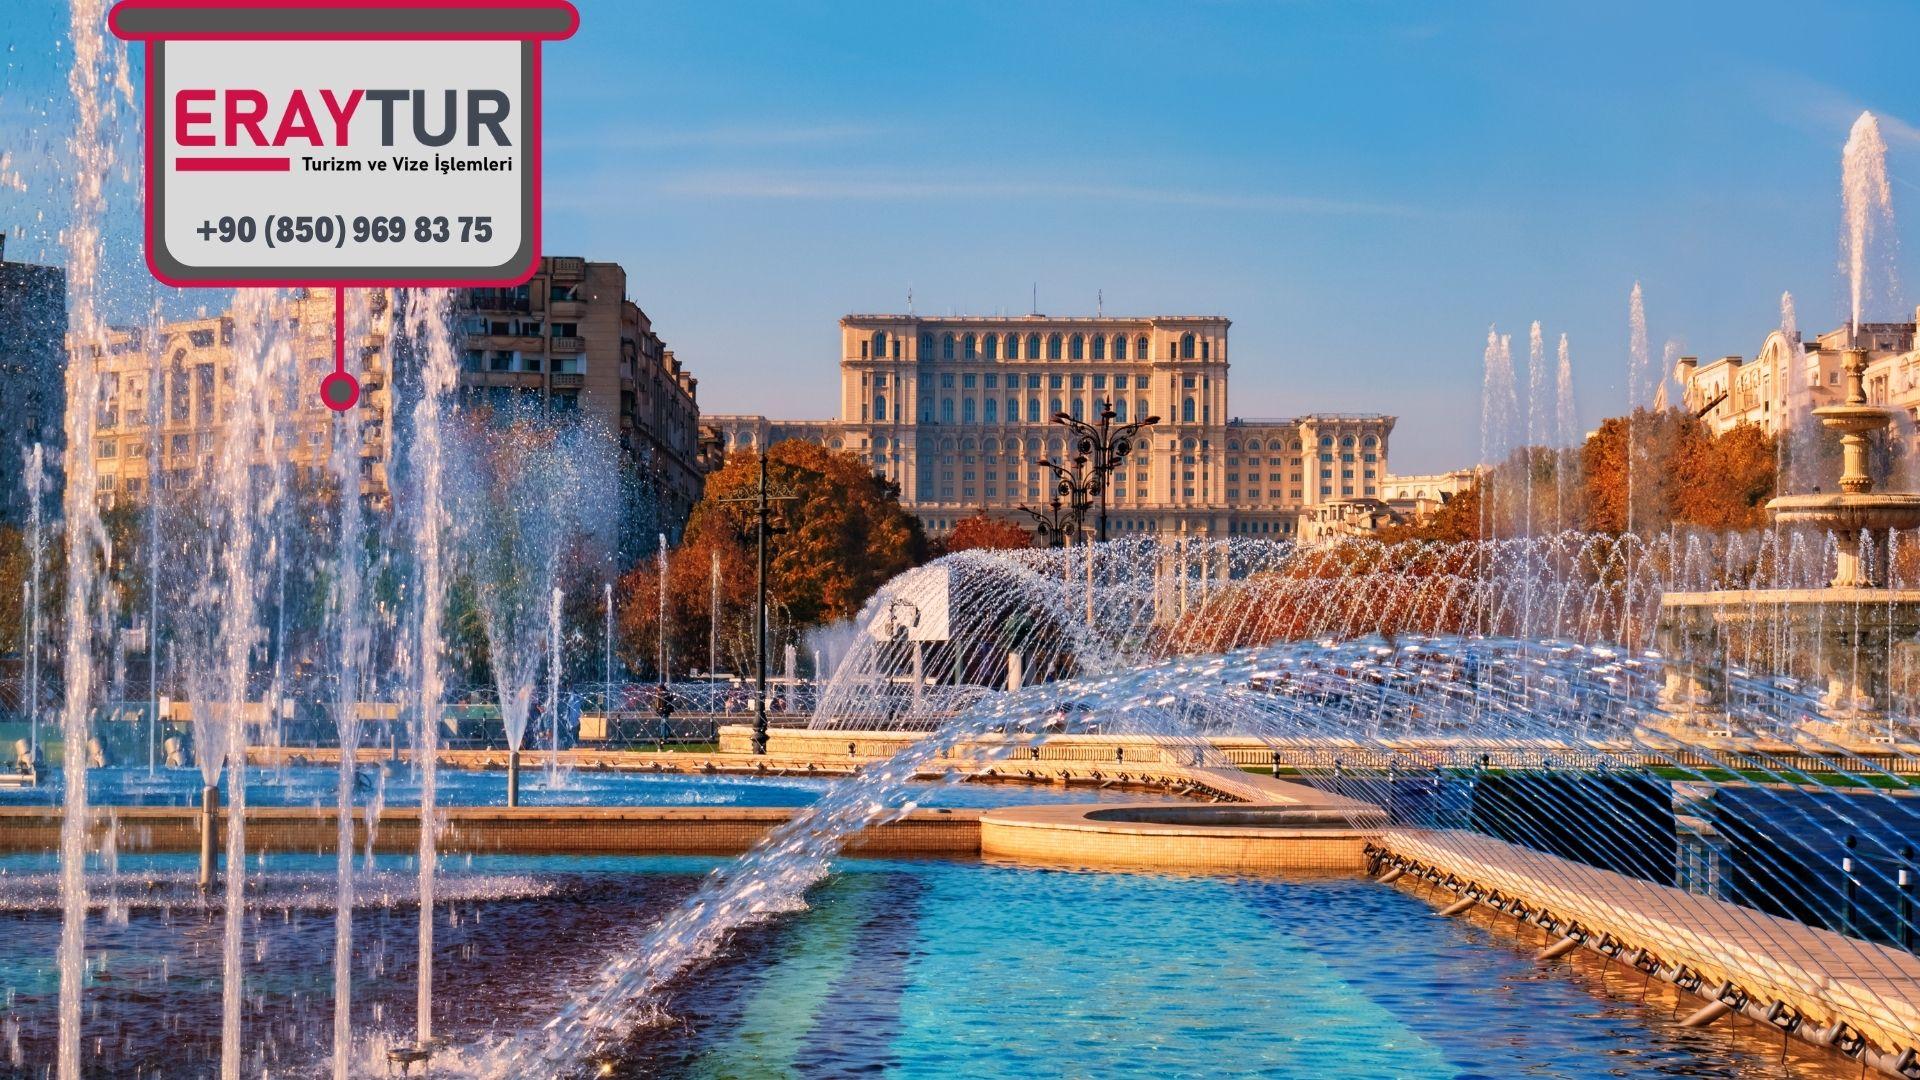 Romanya Turistik Vize İşsiz Evrakları